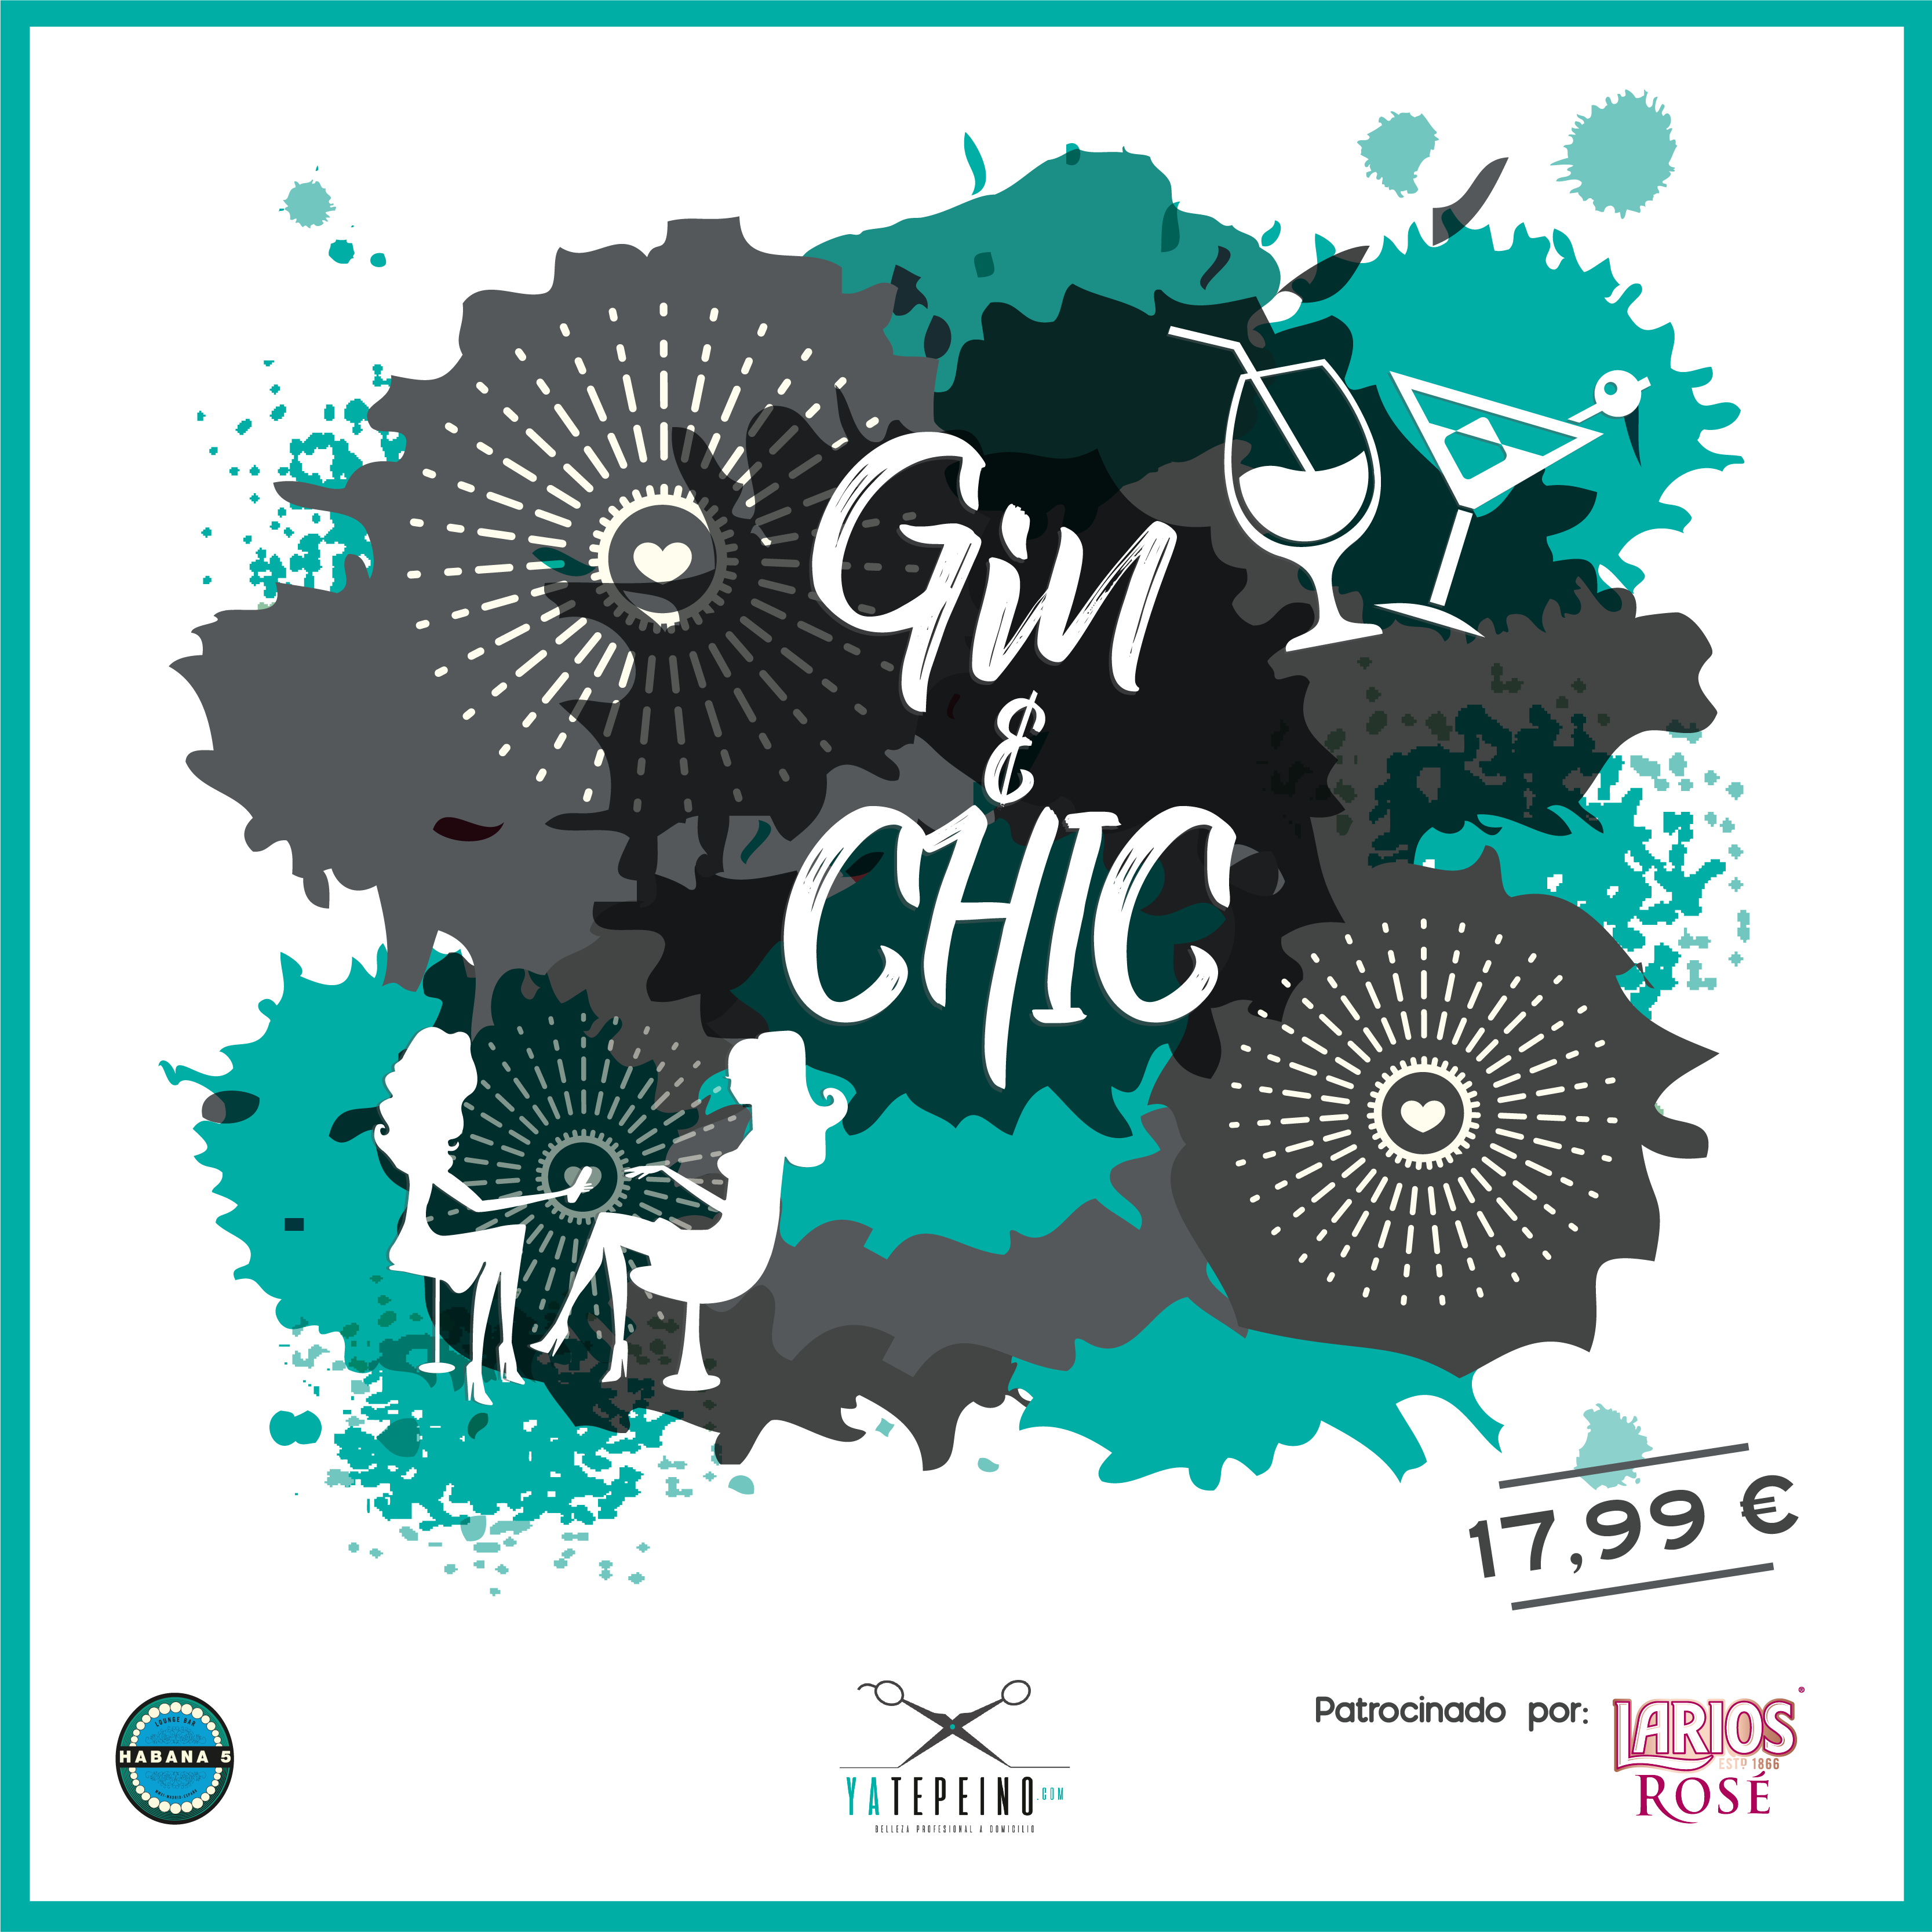 Gin&Chic, el evento del verano l Yatepeino.com